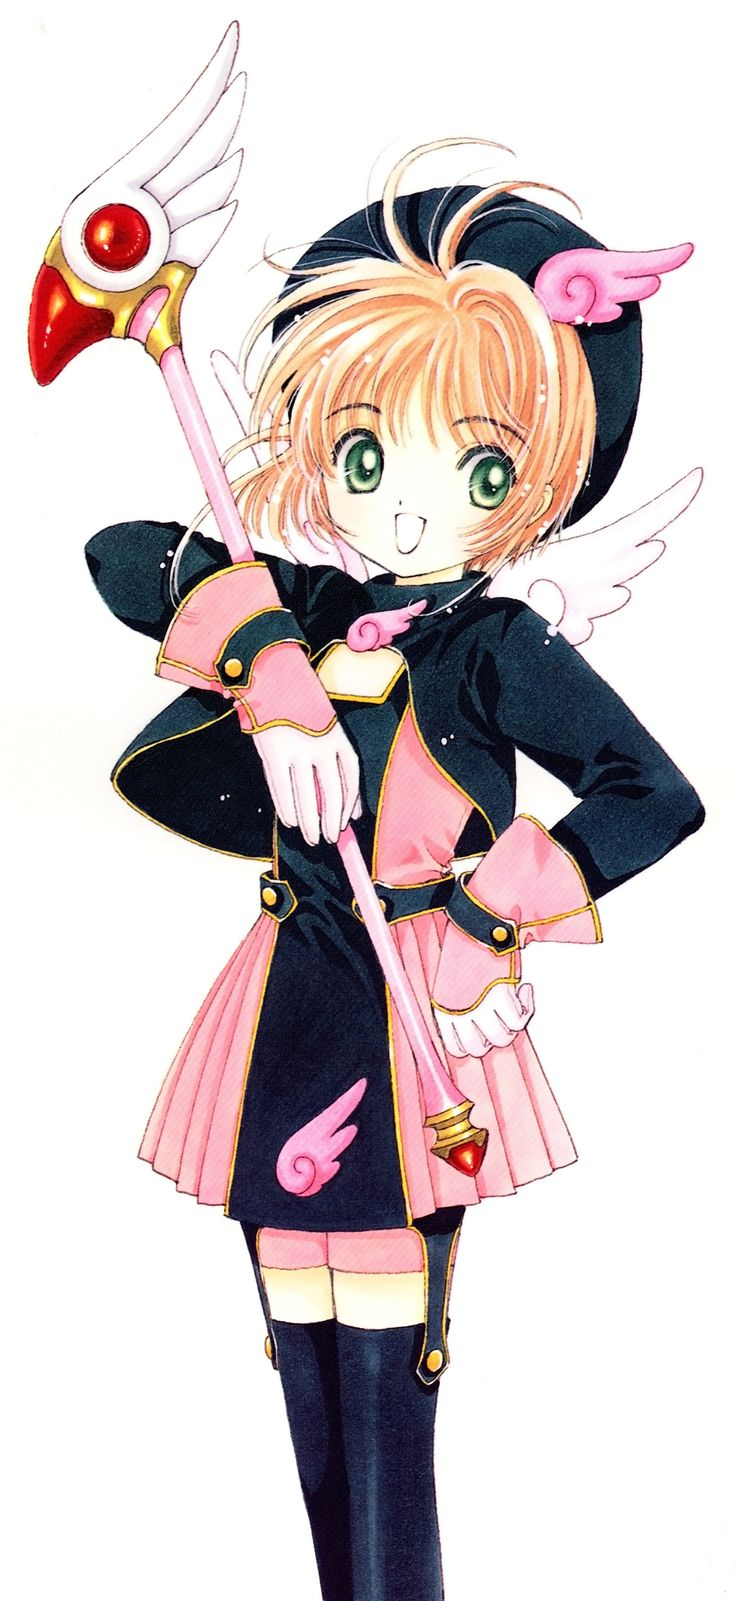 Cardcaptor Sakura | CLAMP | Madhouse / Kinomoto Sakura